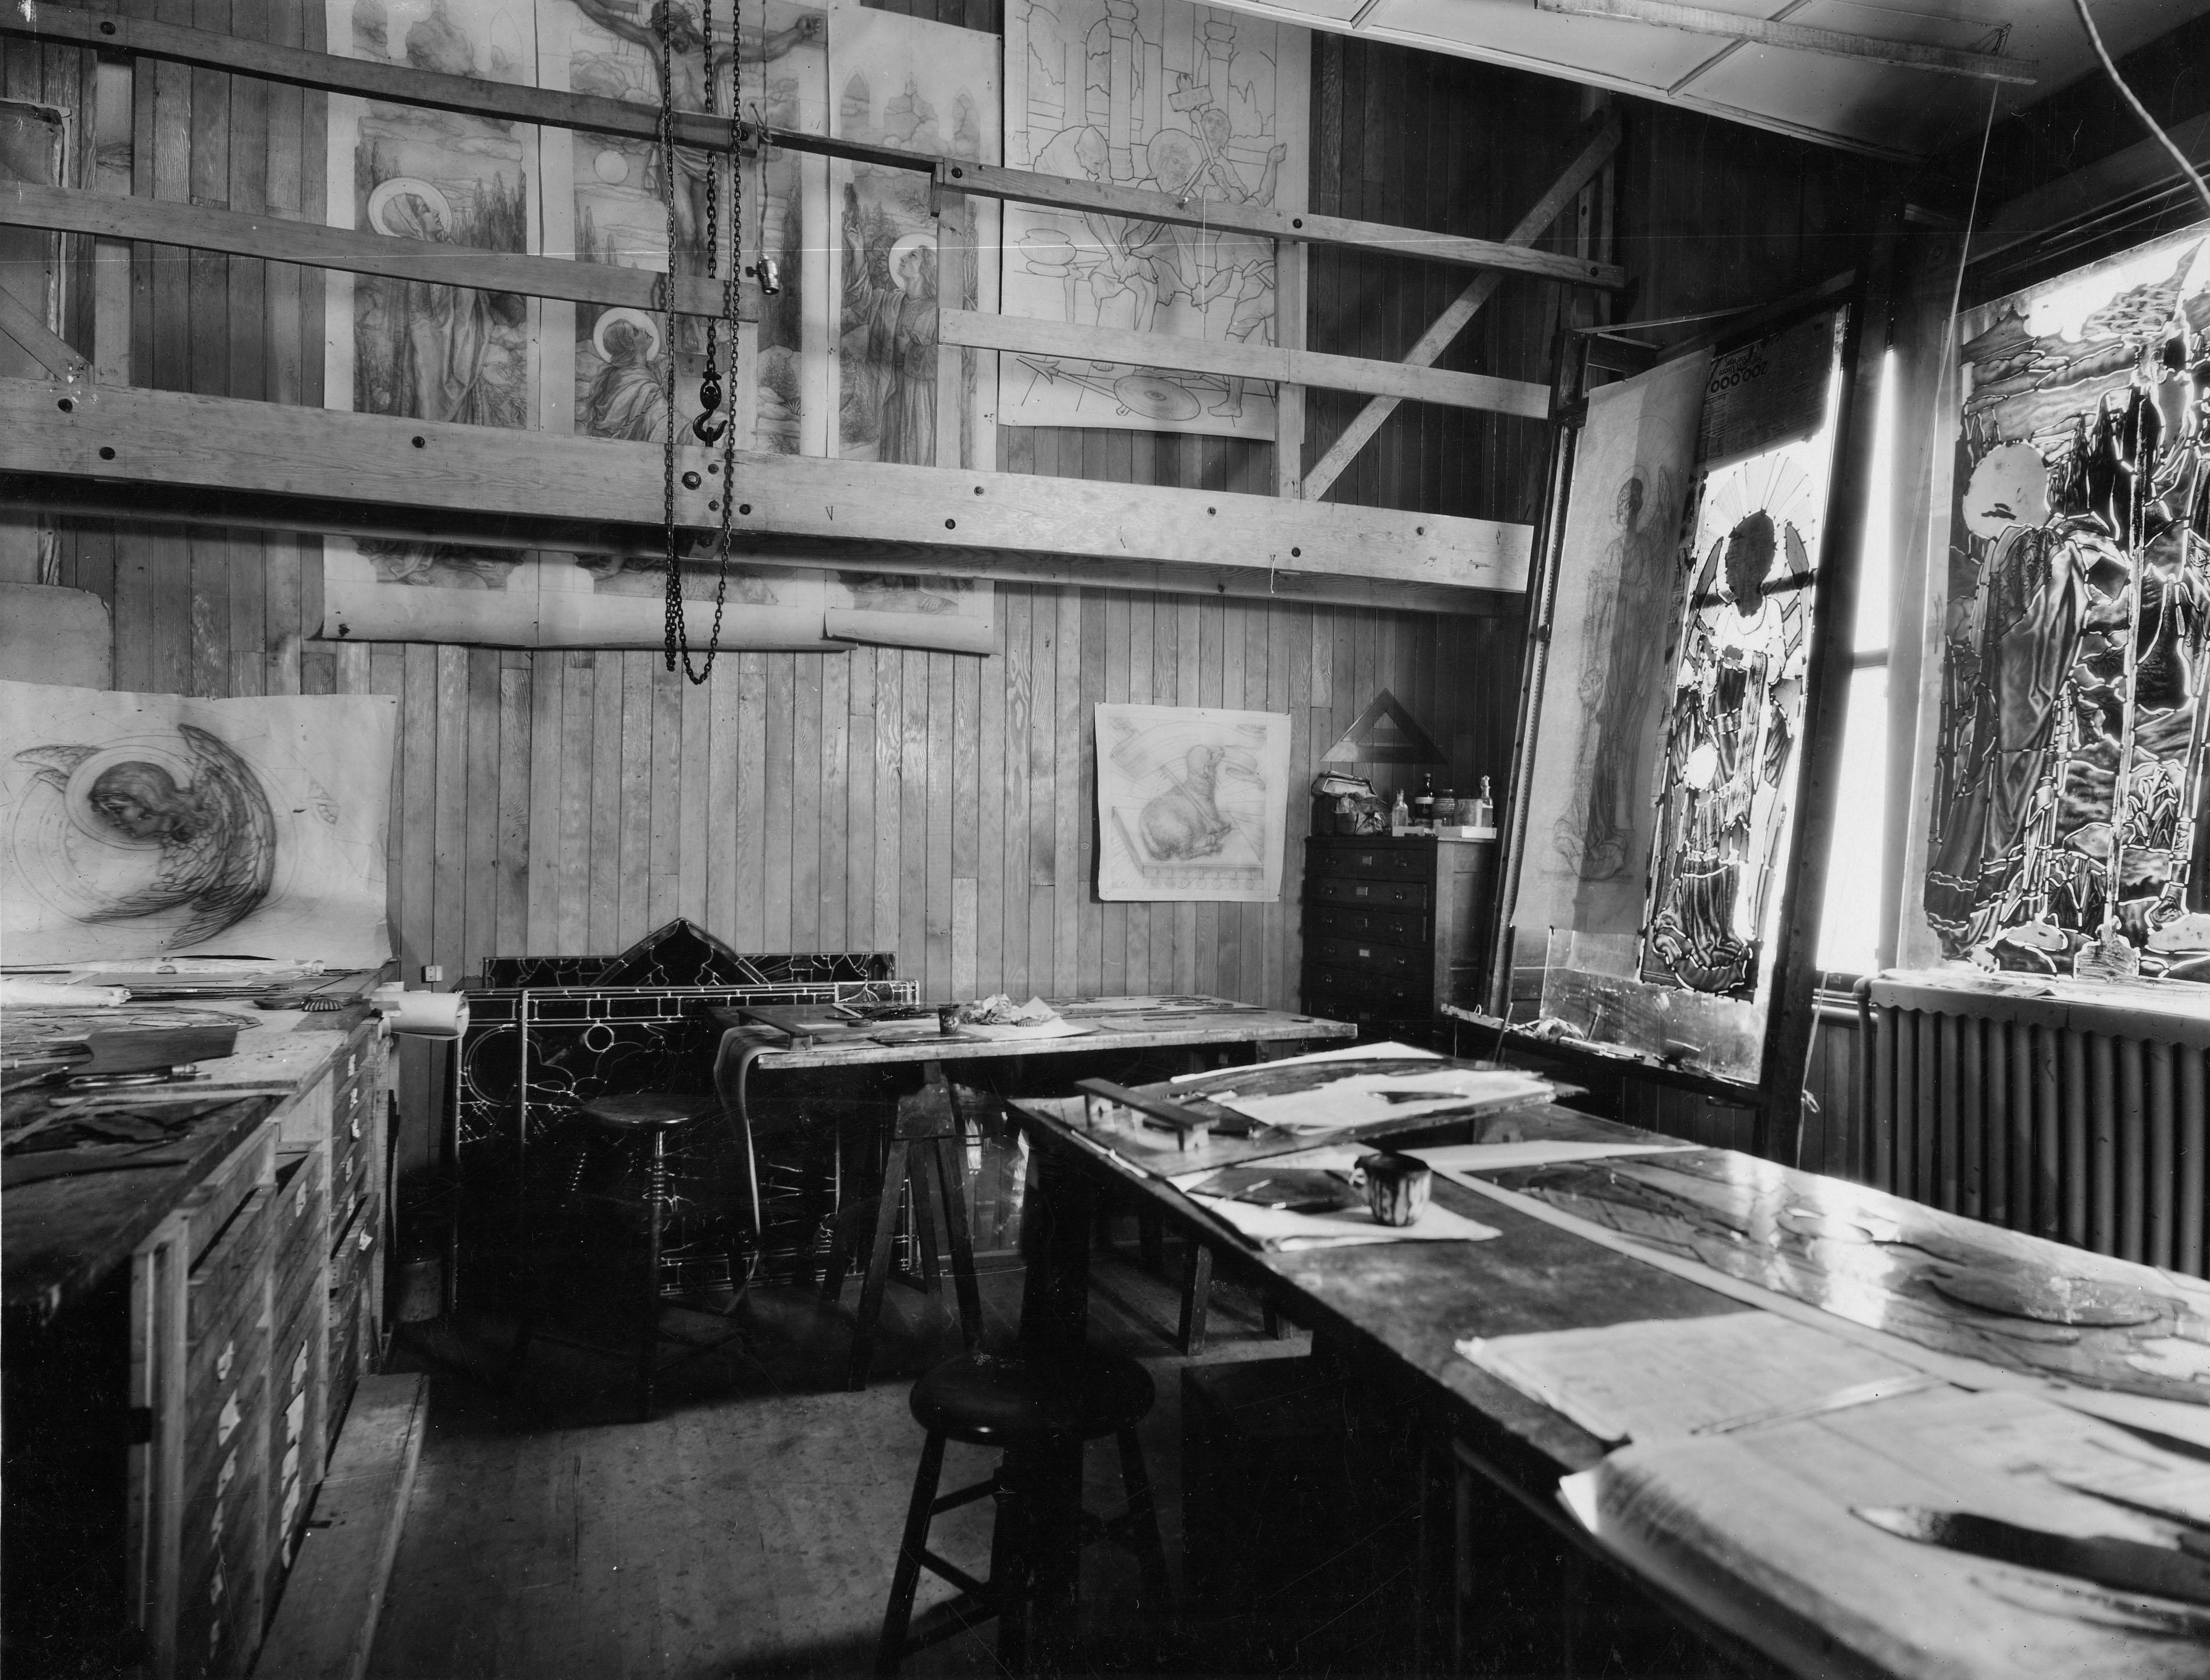 Grande pièce d'un atelier. Plusieurs œuvres sont accrochées au mur ou déposées sur des tables.